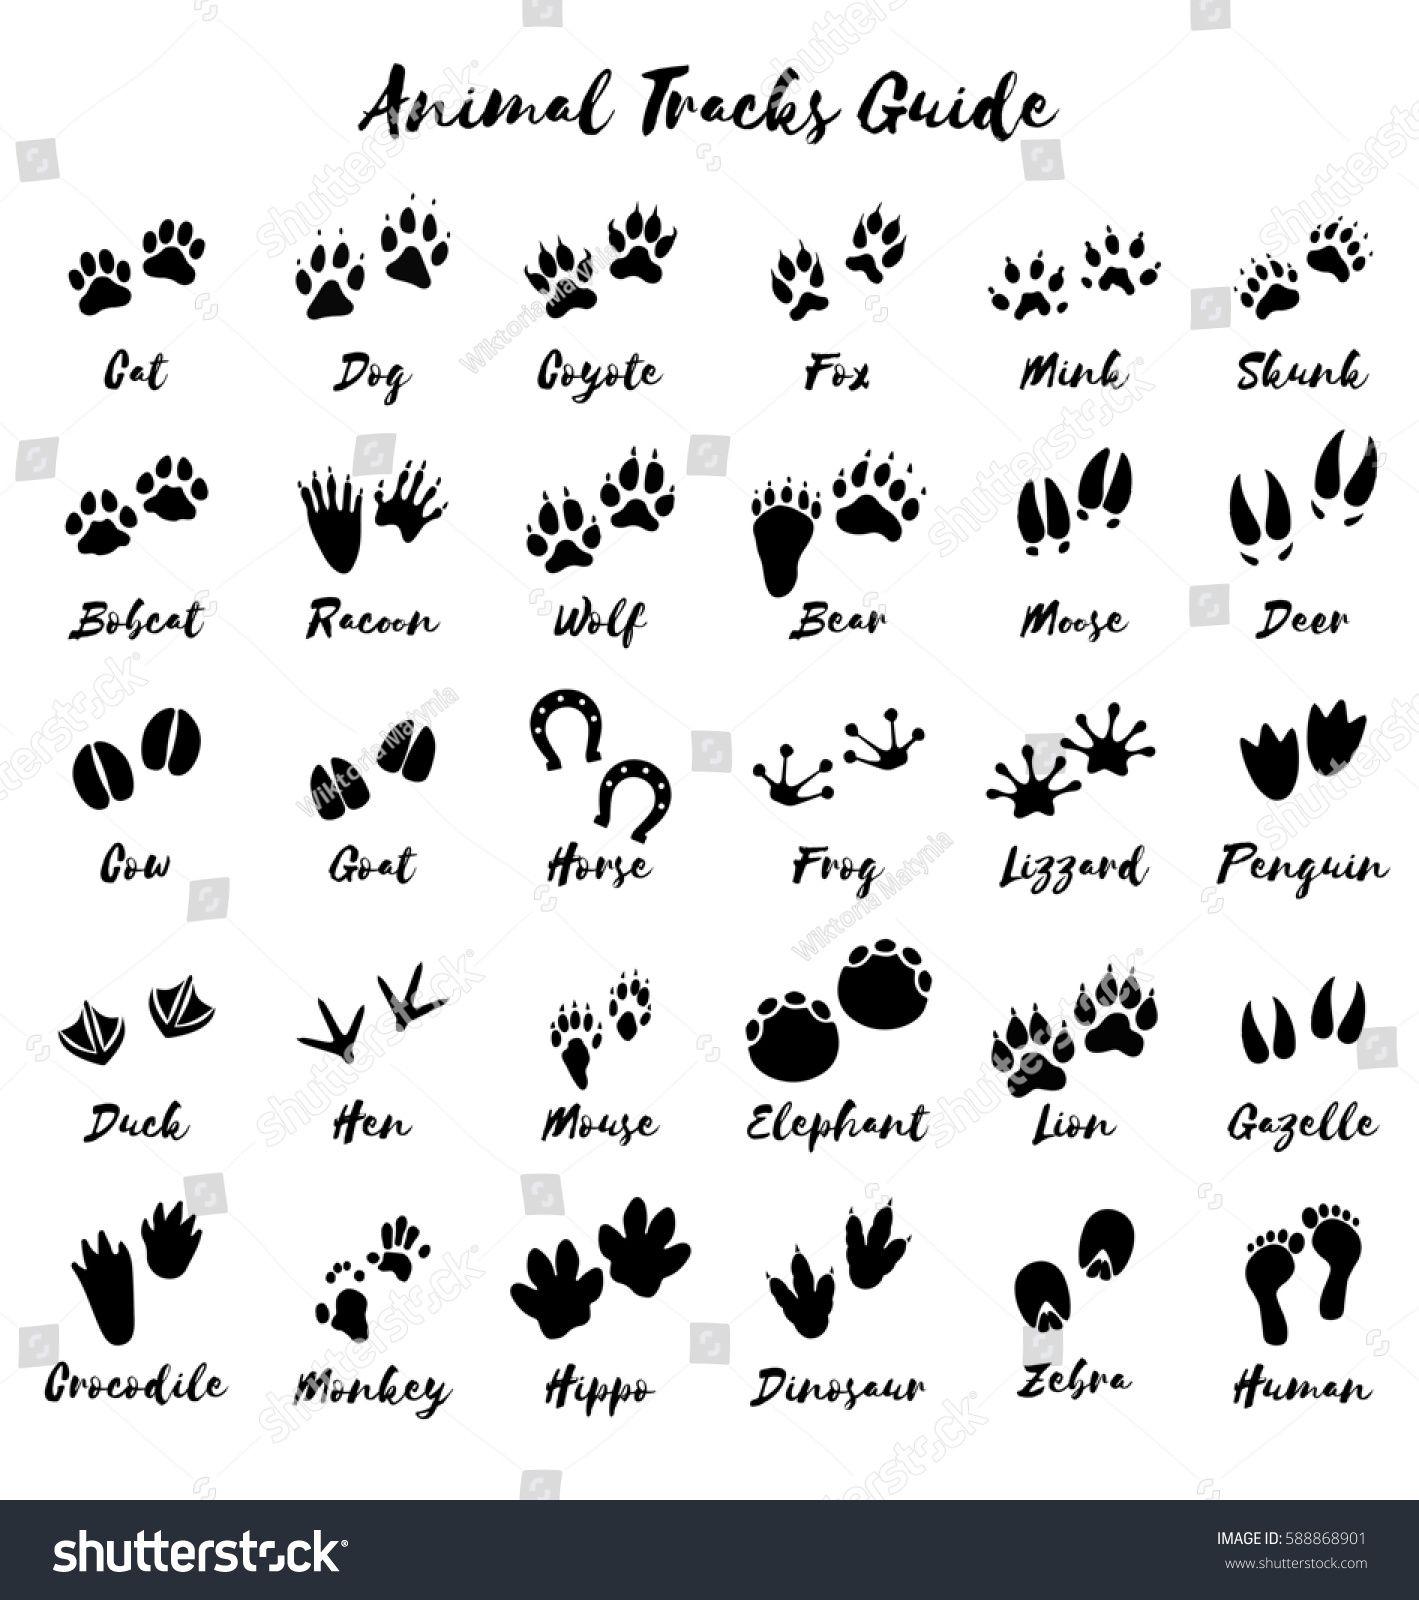 Animal Tracks Foot Print Guide Animal Footprints Animal Tracks Animal Print Tattoo